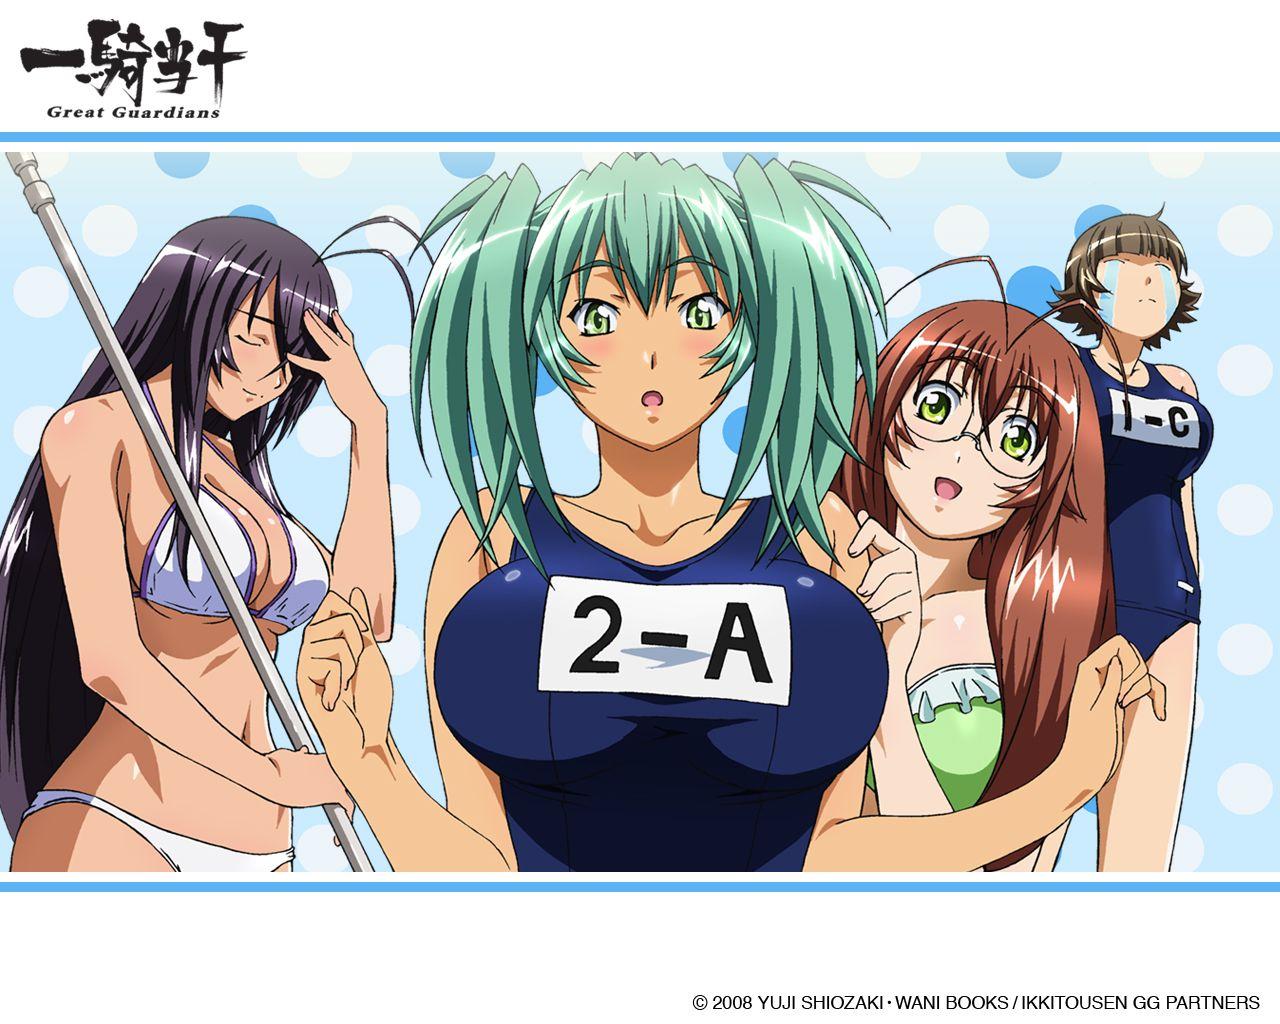 ikkitousen-57(1280x1024).jpg